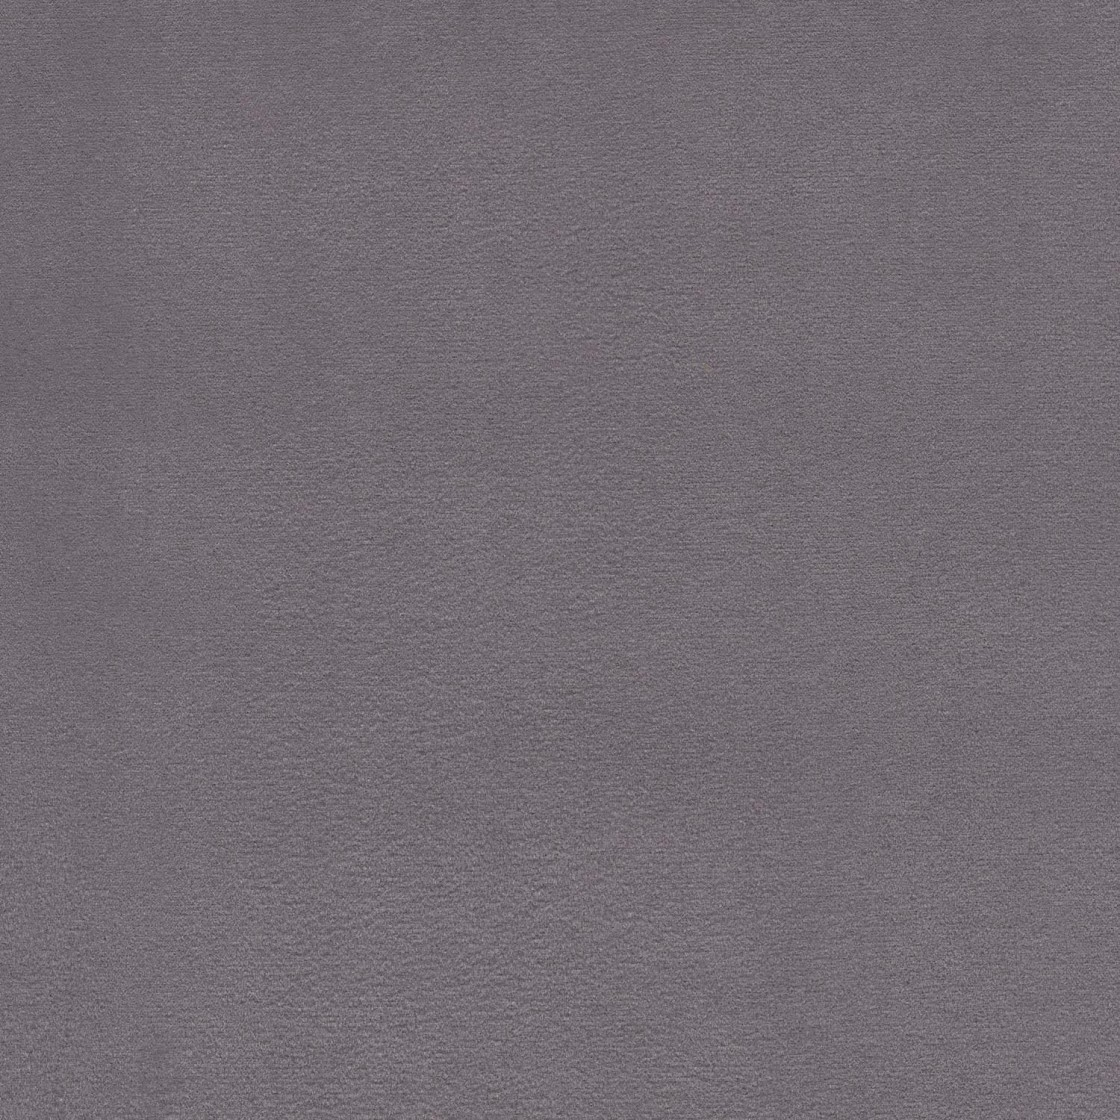 Micromousse - Microfibre sur mousse, 4 coloris